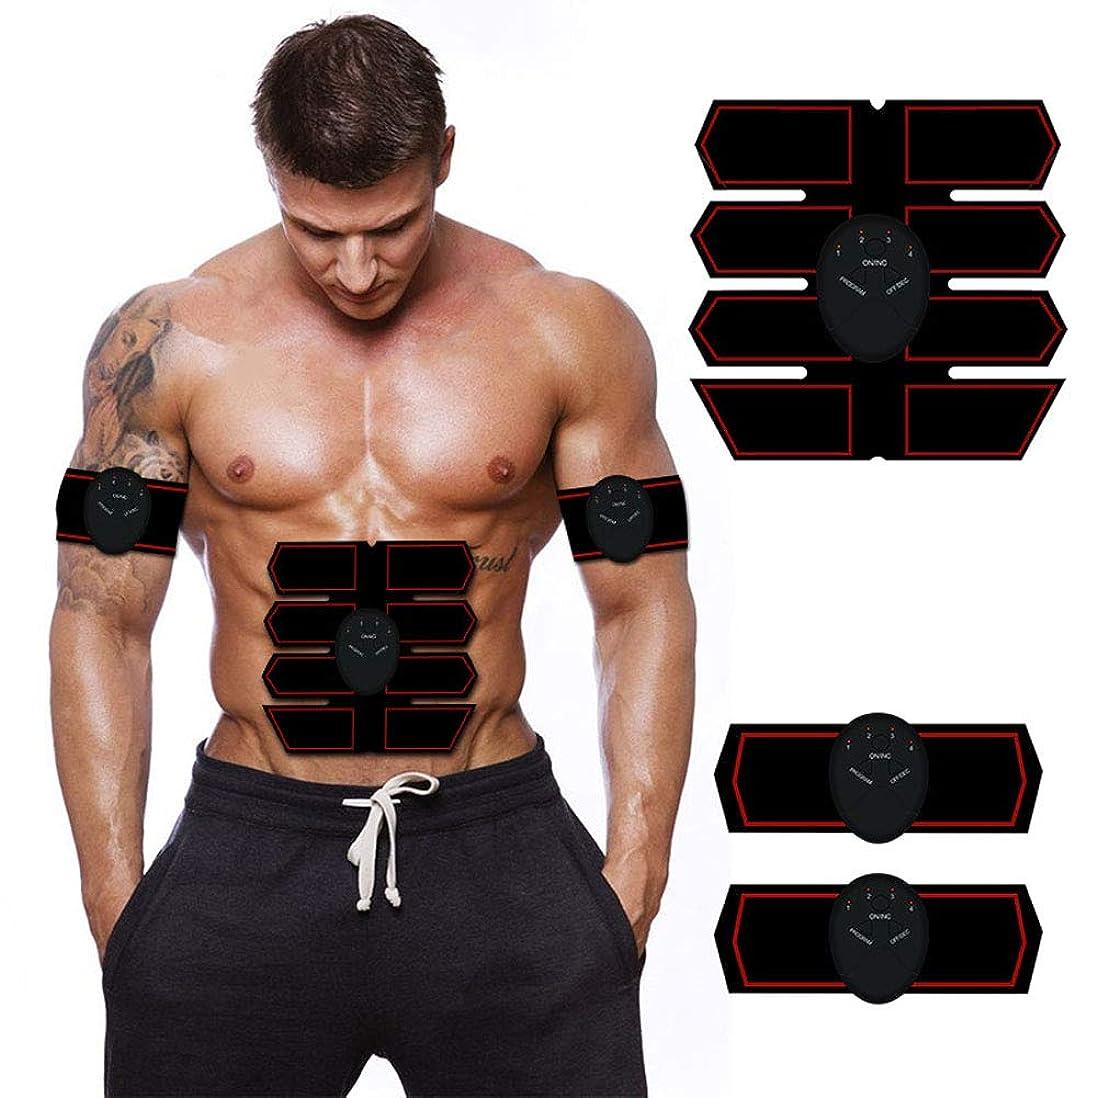 家憤る名声腹筋トレーナー筋肉刺激器, Ems 腹筋刺激剤筋肉トナー, ポータブルマッスルトレーナー, 腹部の調子のベルト, の 男性?女性